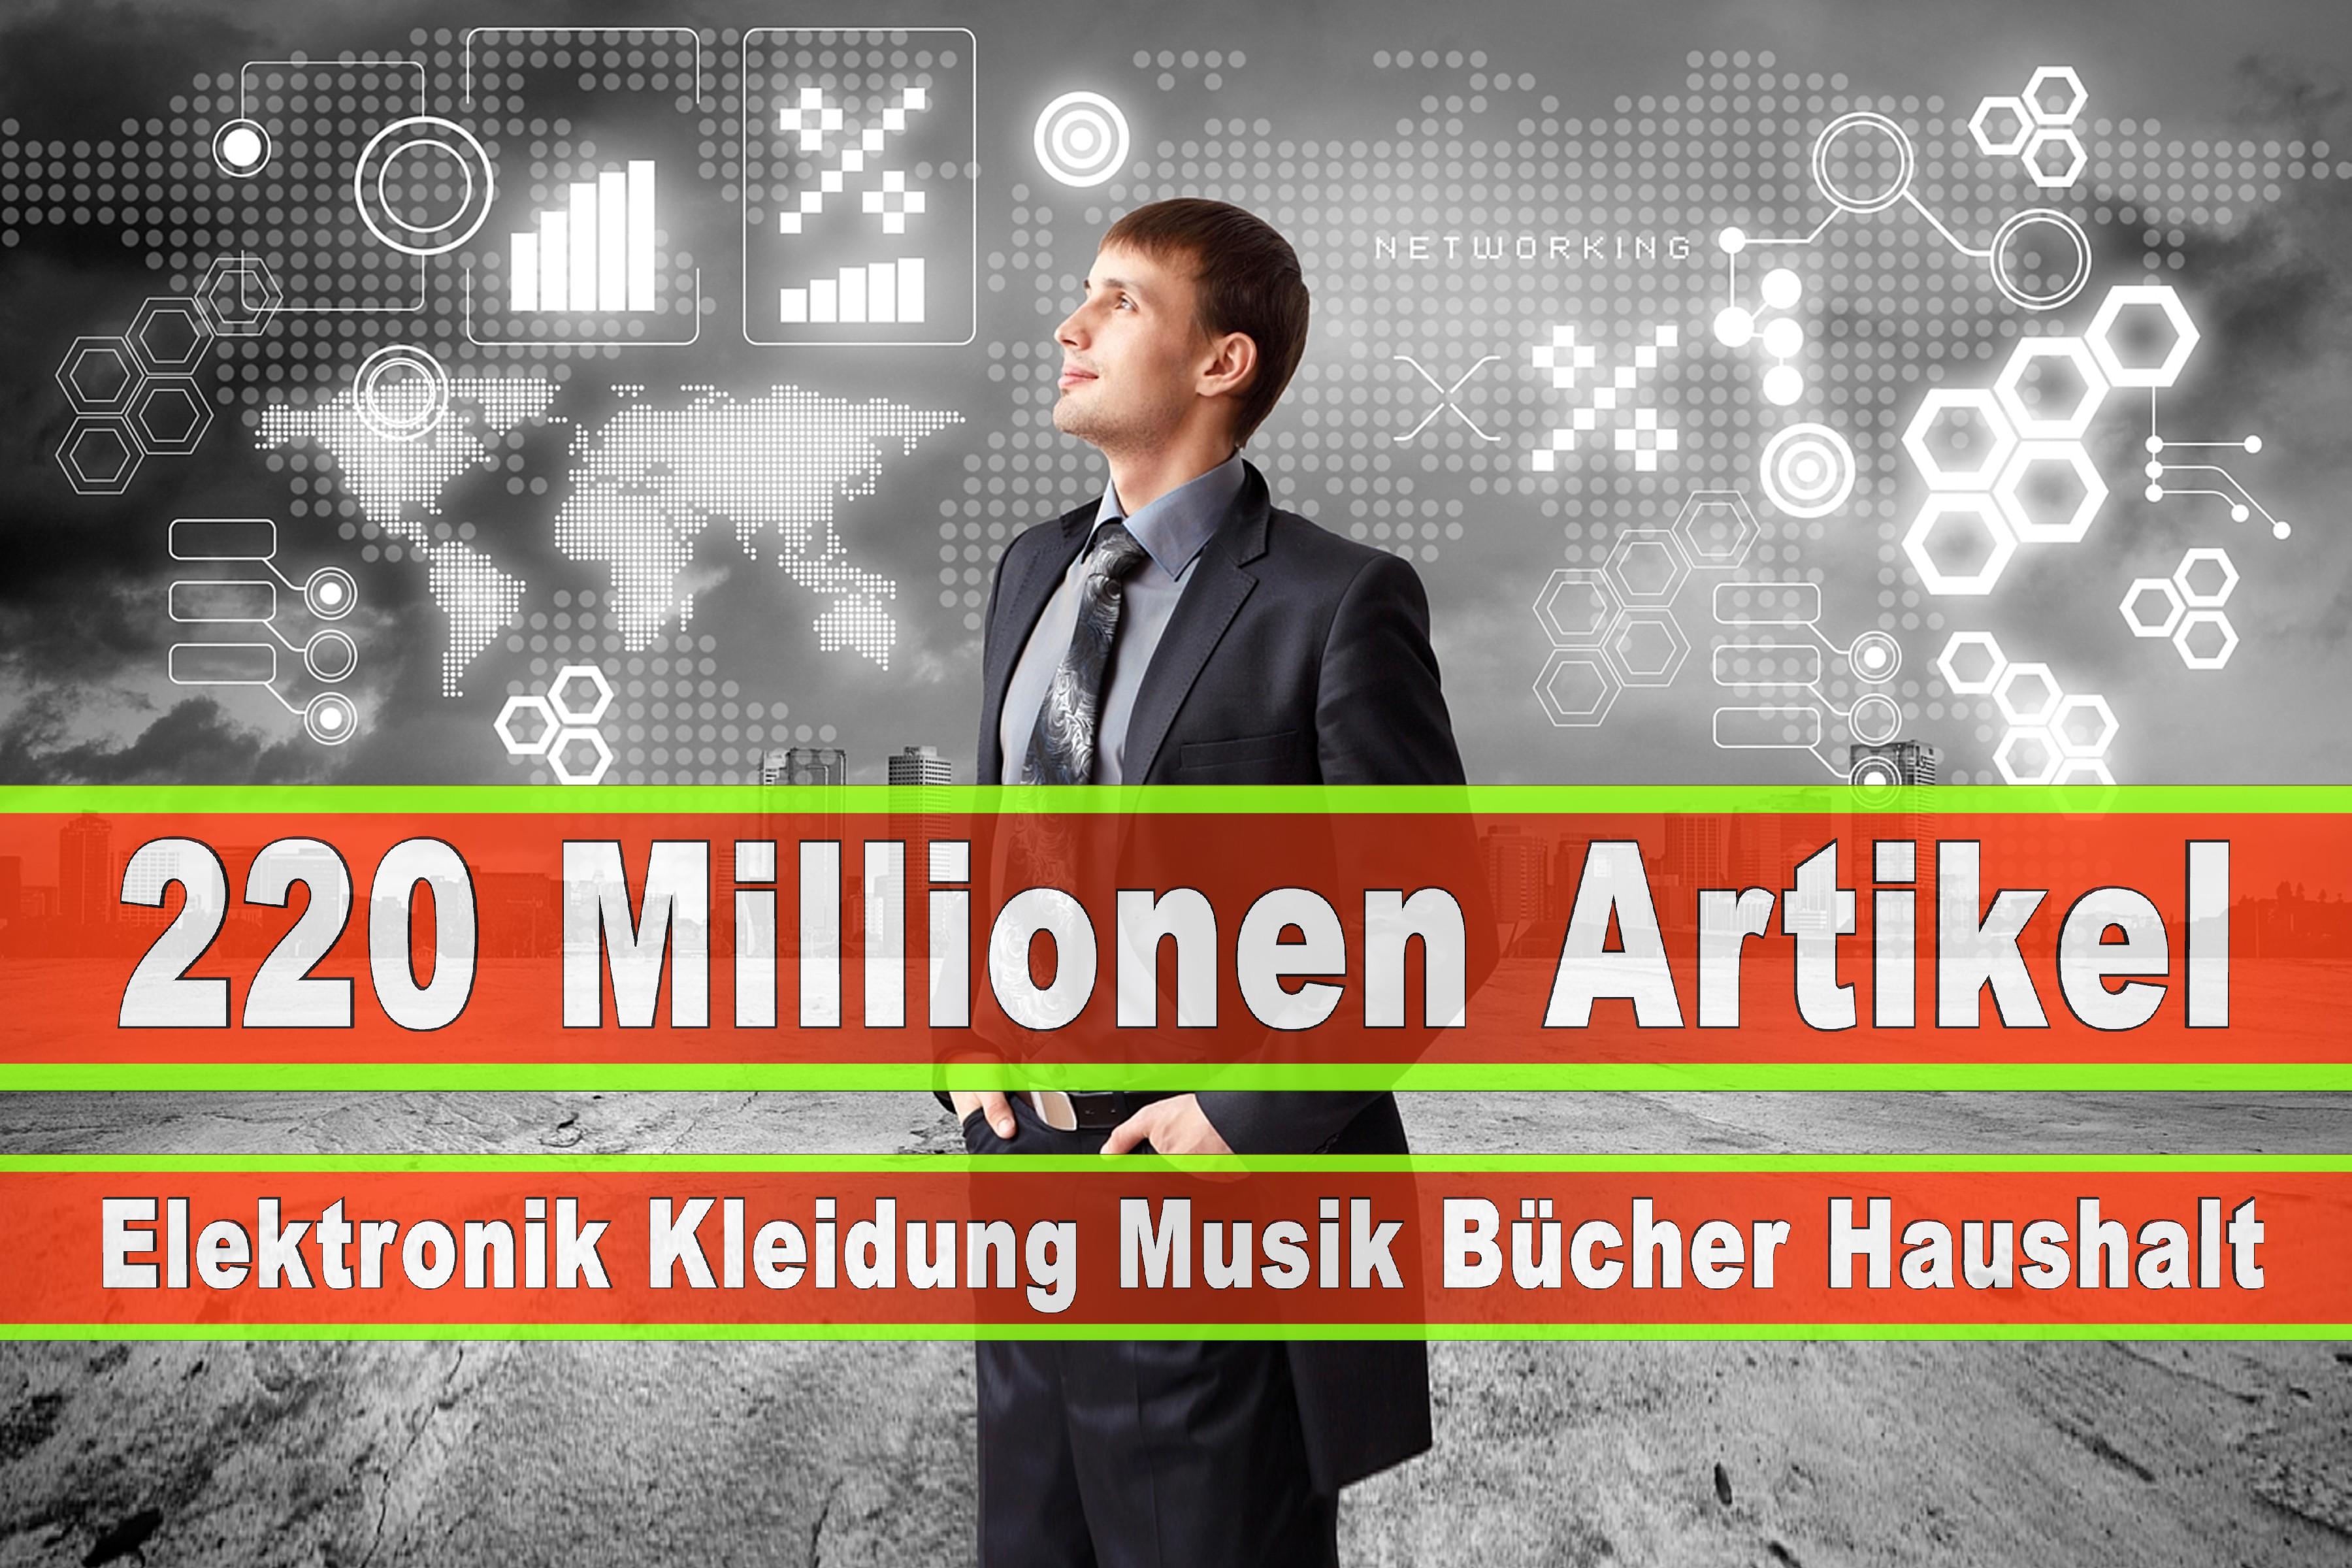 Amazon Elektronik Musik Haushalt Bücher CD DVD Handys Smartphones TV Television Fernseher Kleidung Mode Ebay Versandhaus (165)